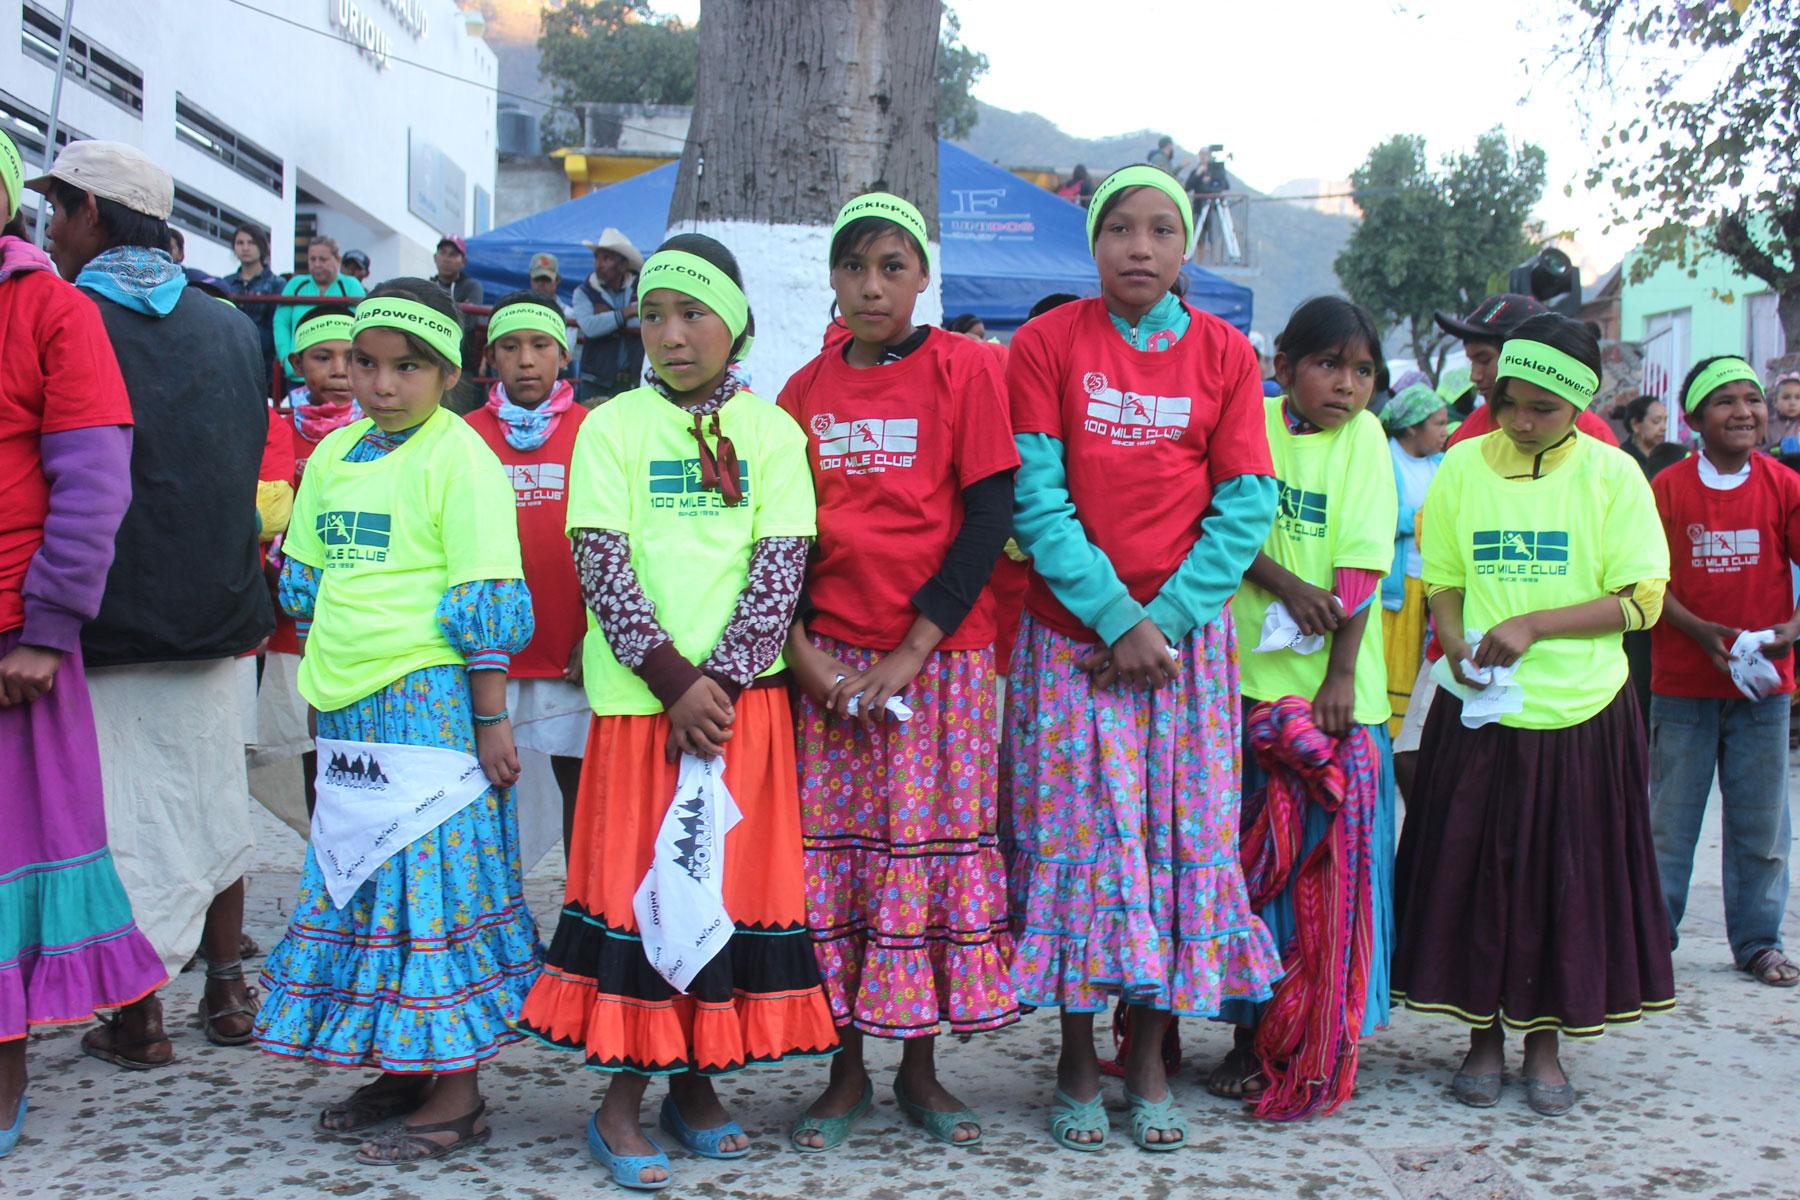 Raramuri Girls in Dresses